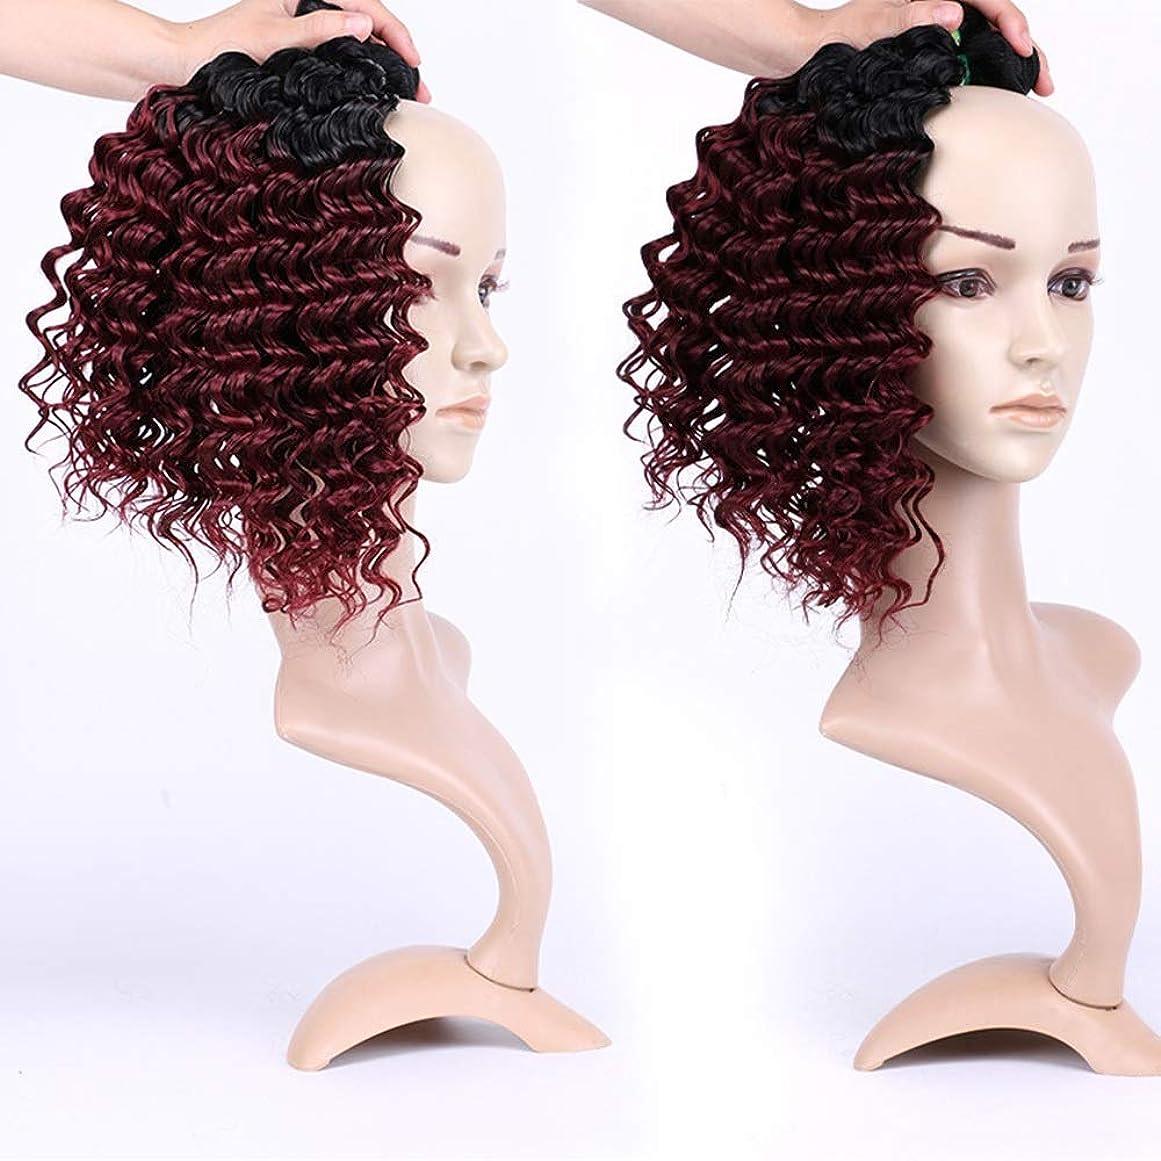 実証する指令スピーチMayalina ブラジルの髪の深い波髪織り3バンドル - ワインレッドの髪の束混合長さ(16